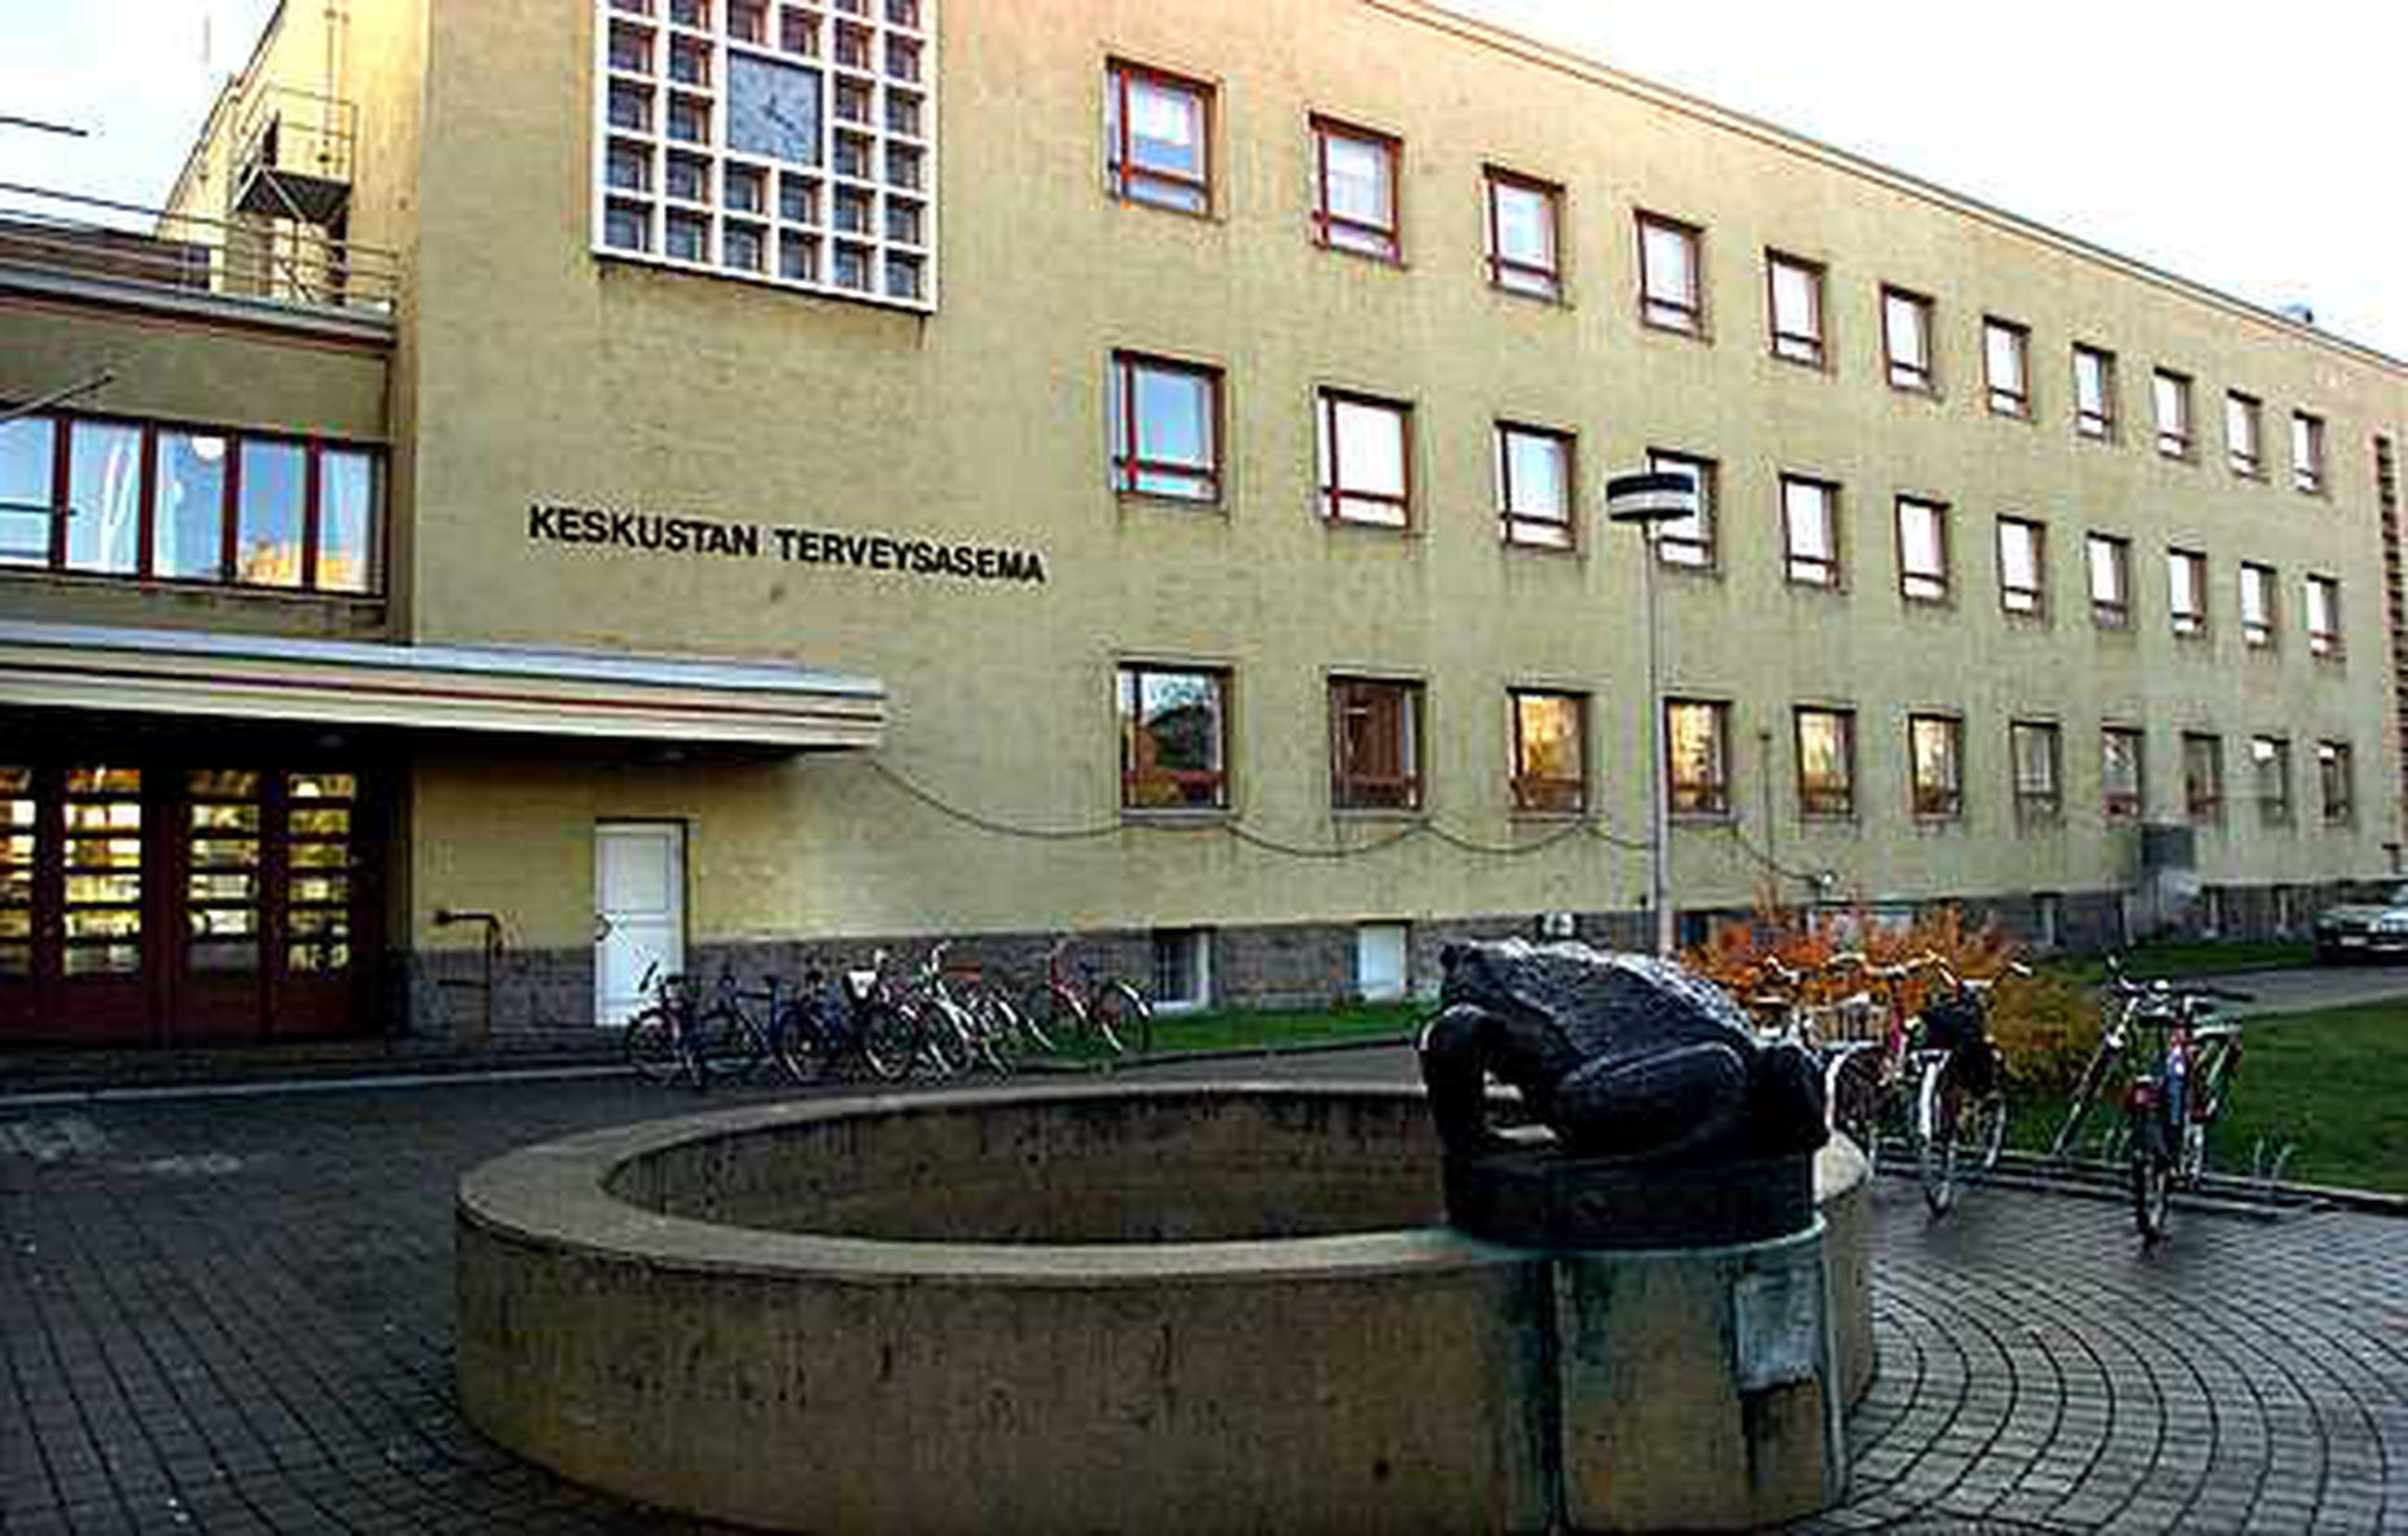 Oulu Terveysasemat